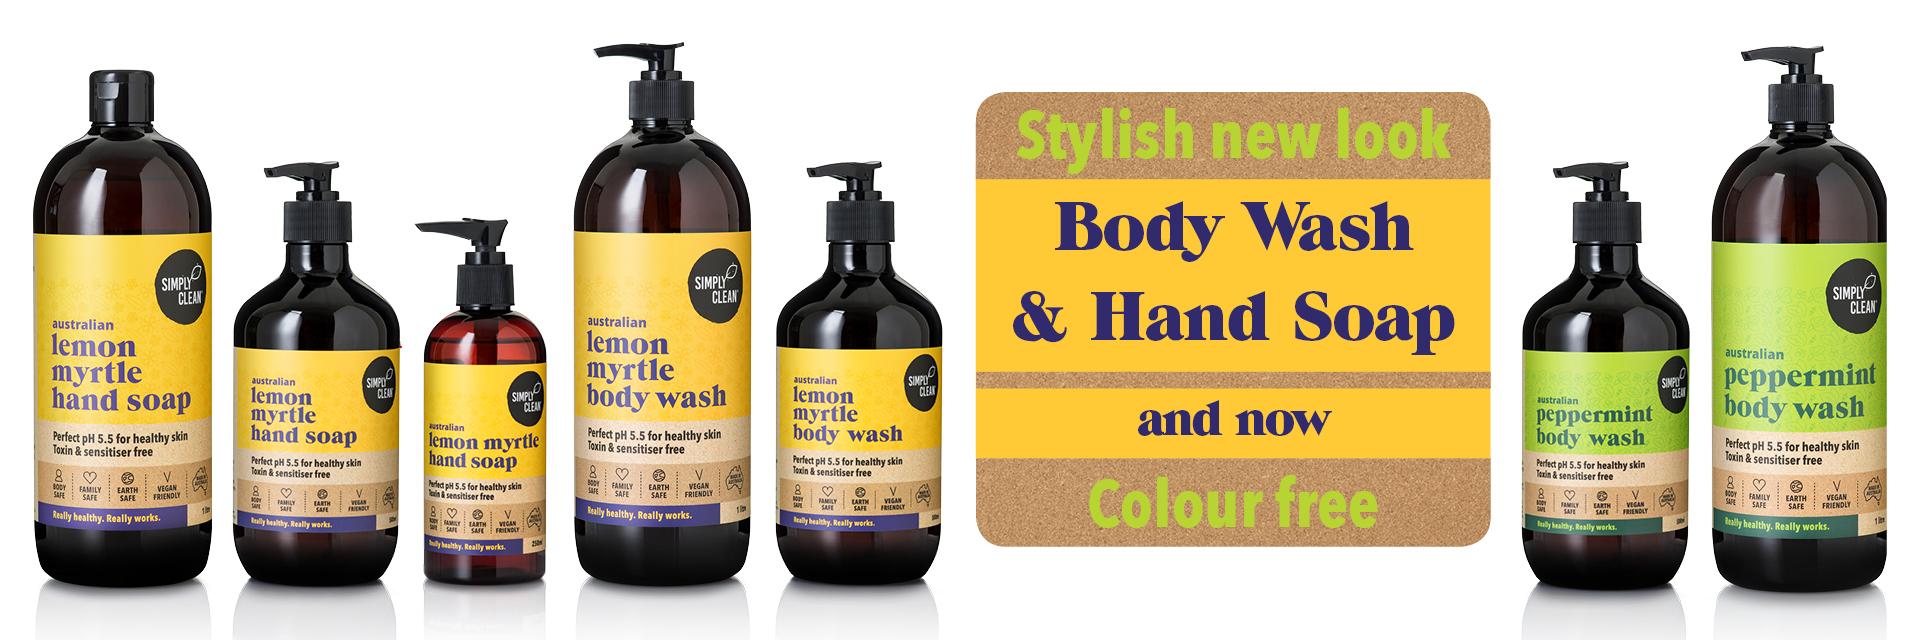 website-banner-new-amber-bottles-and-colour-free-v2.jpg